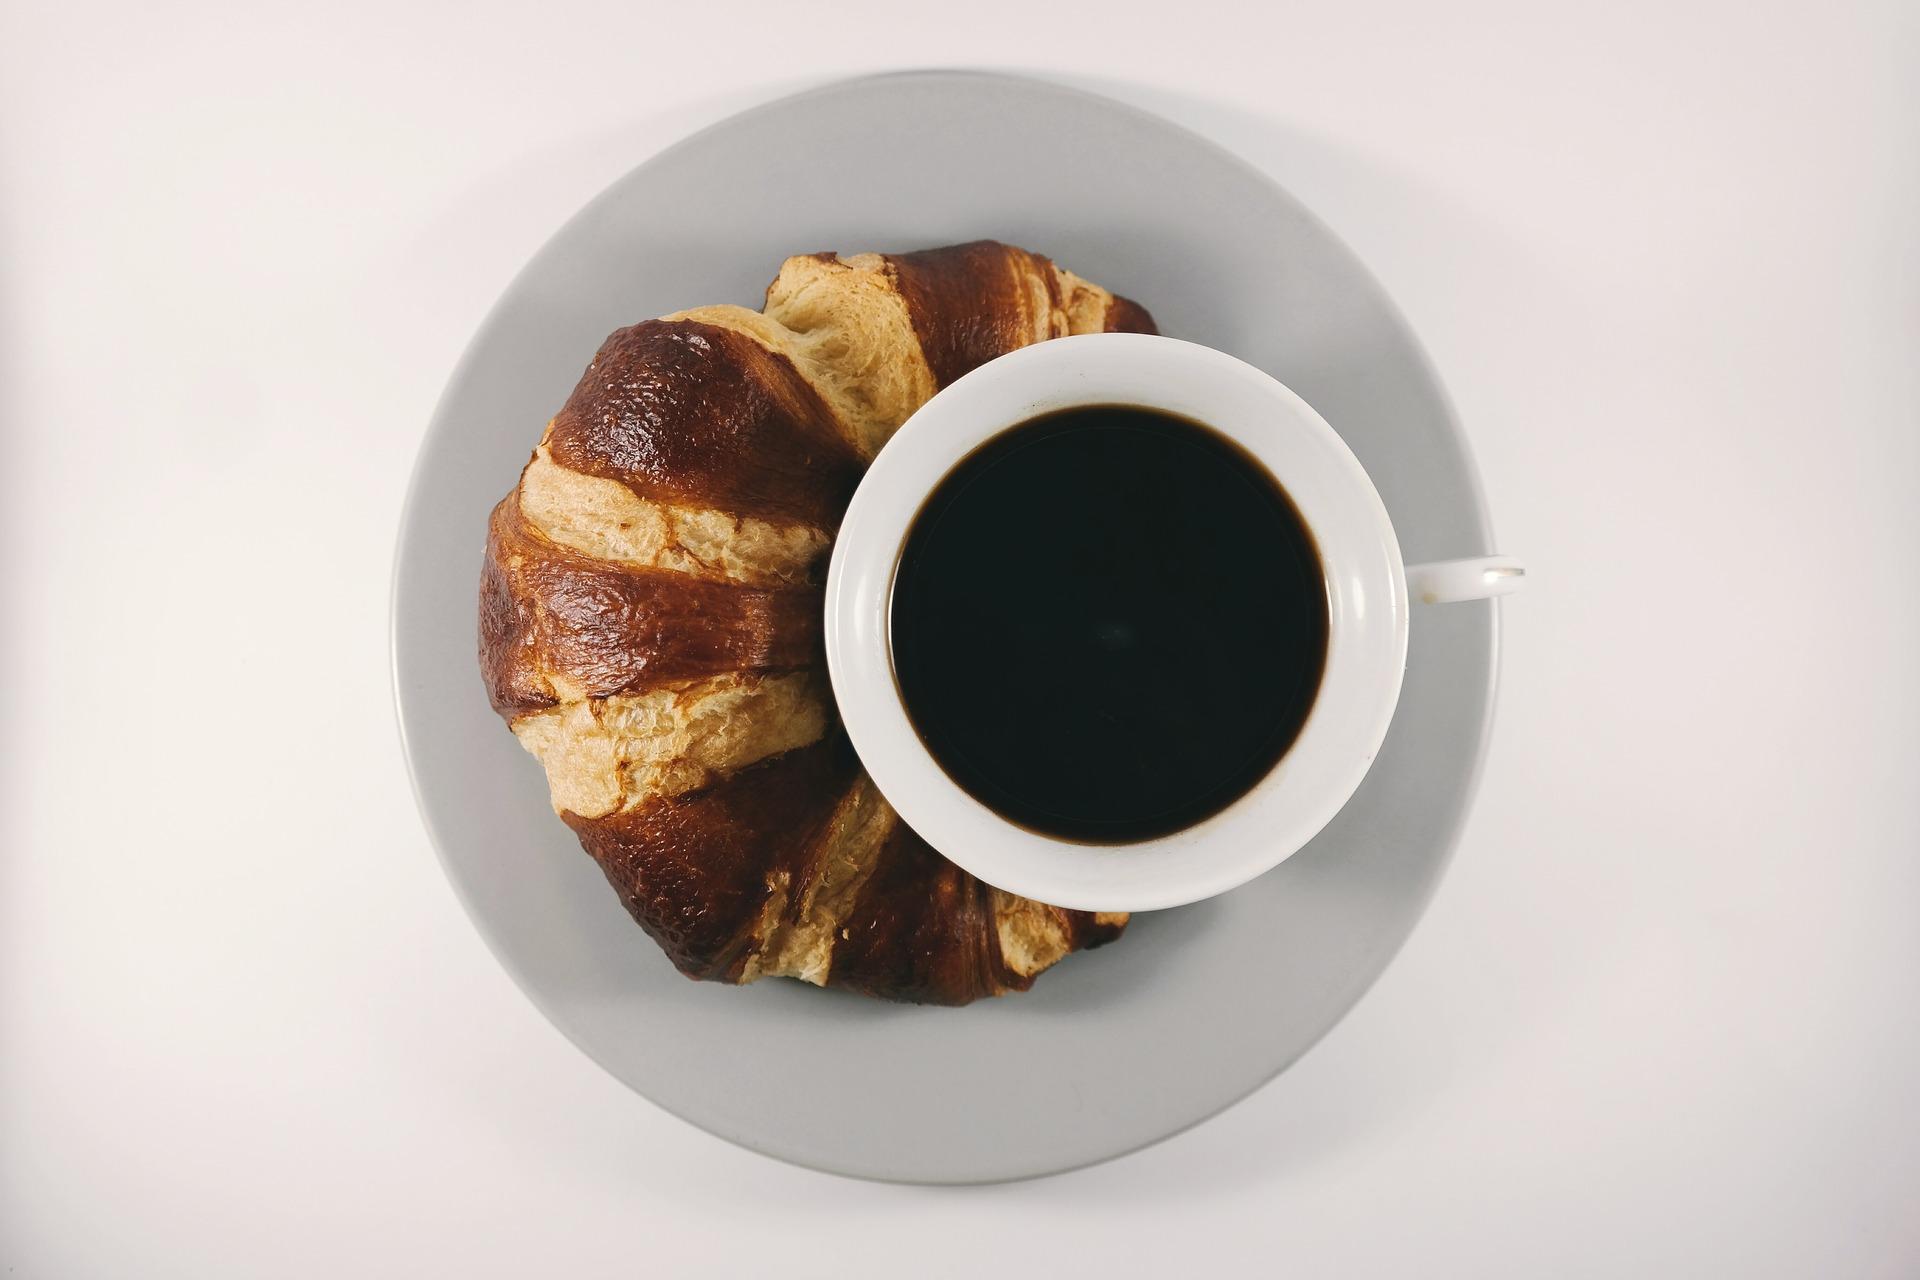 breakfast-1850335_1920.jpg